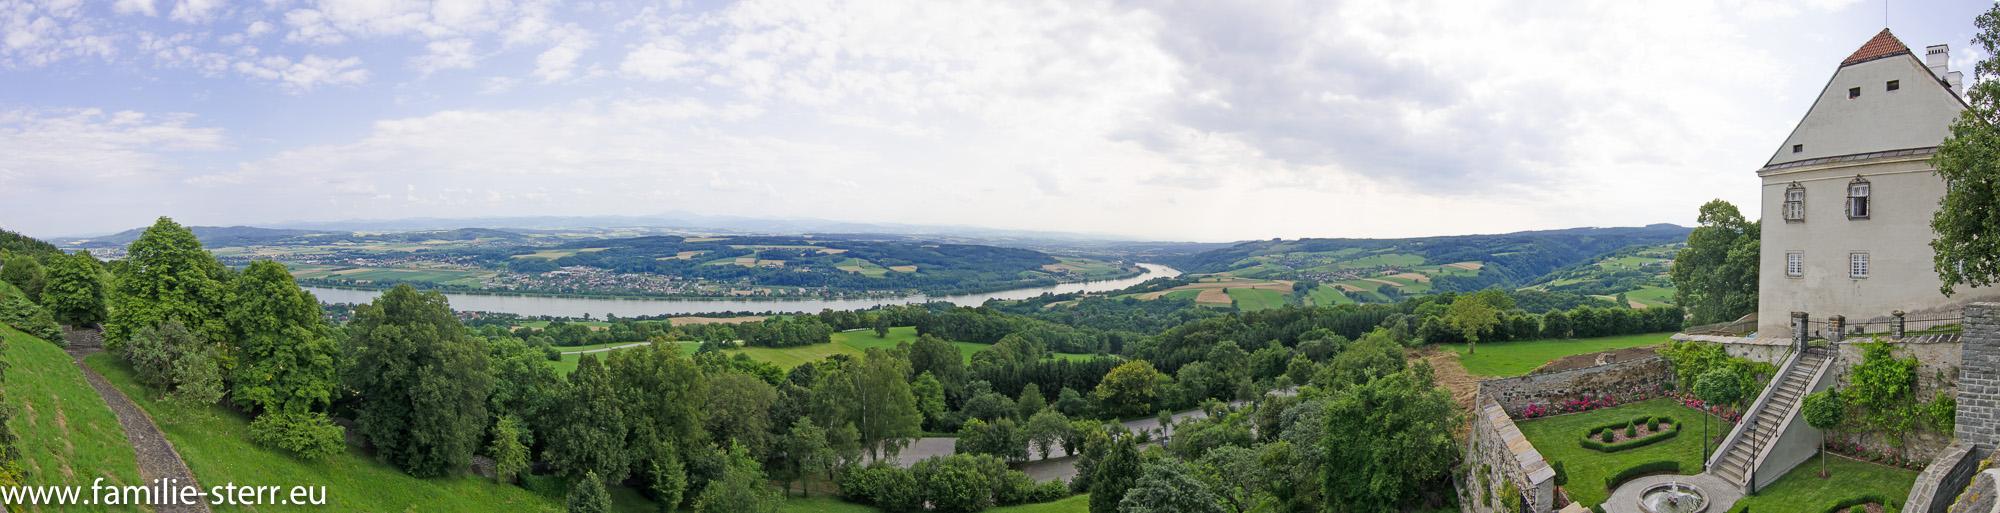 Donautal bei der Wallfahrtskirche Maria Taferl an der Donau